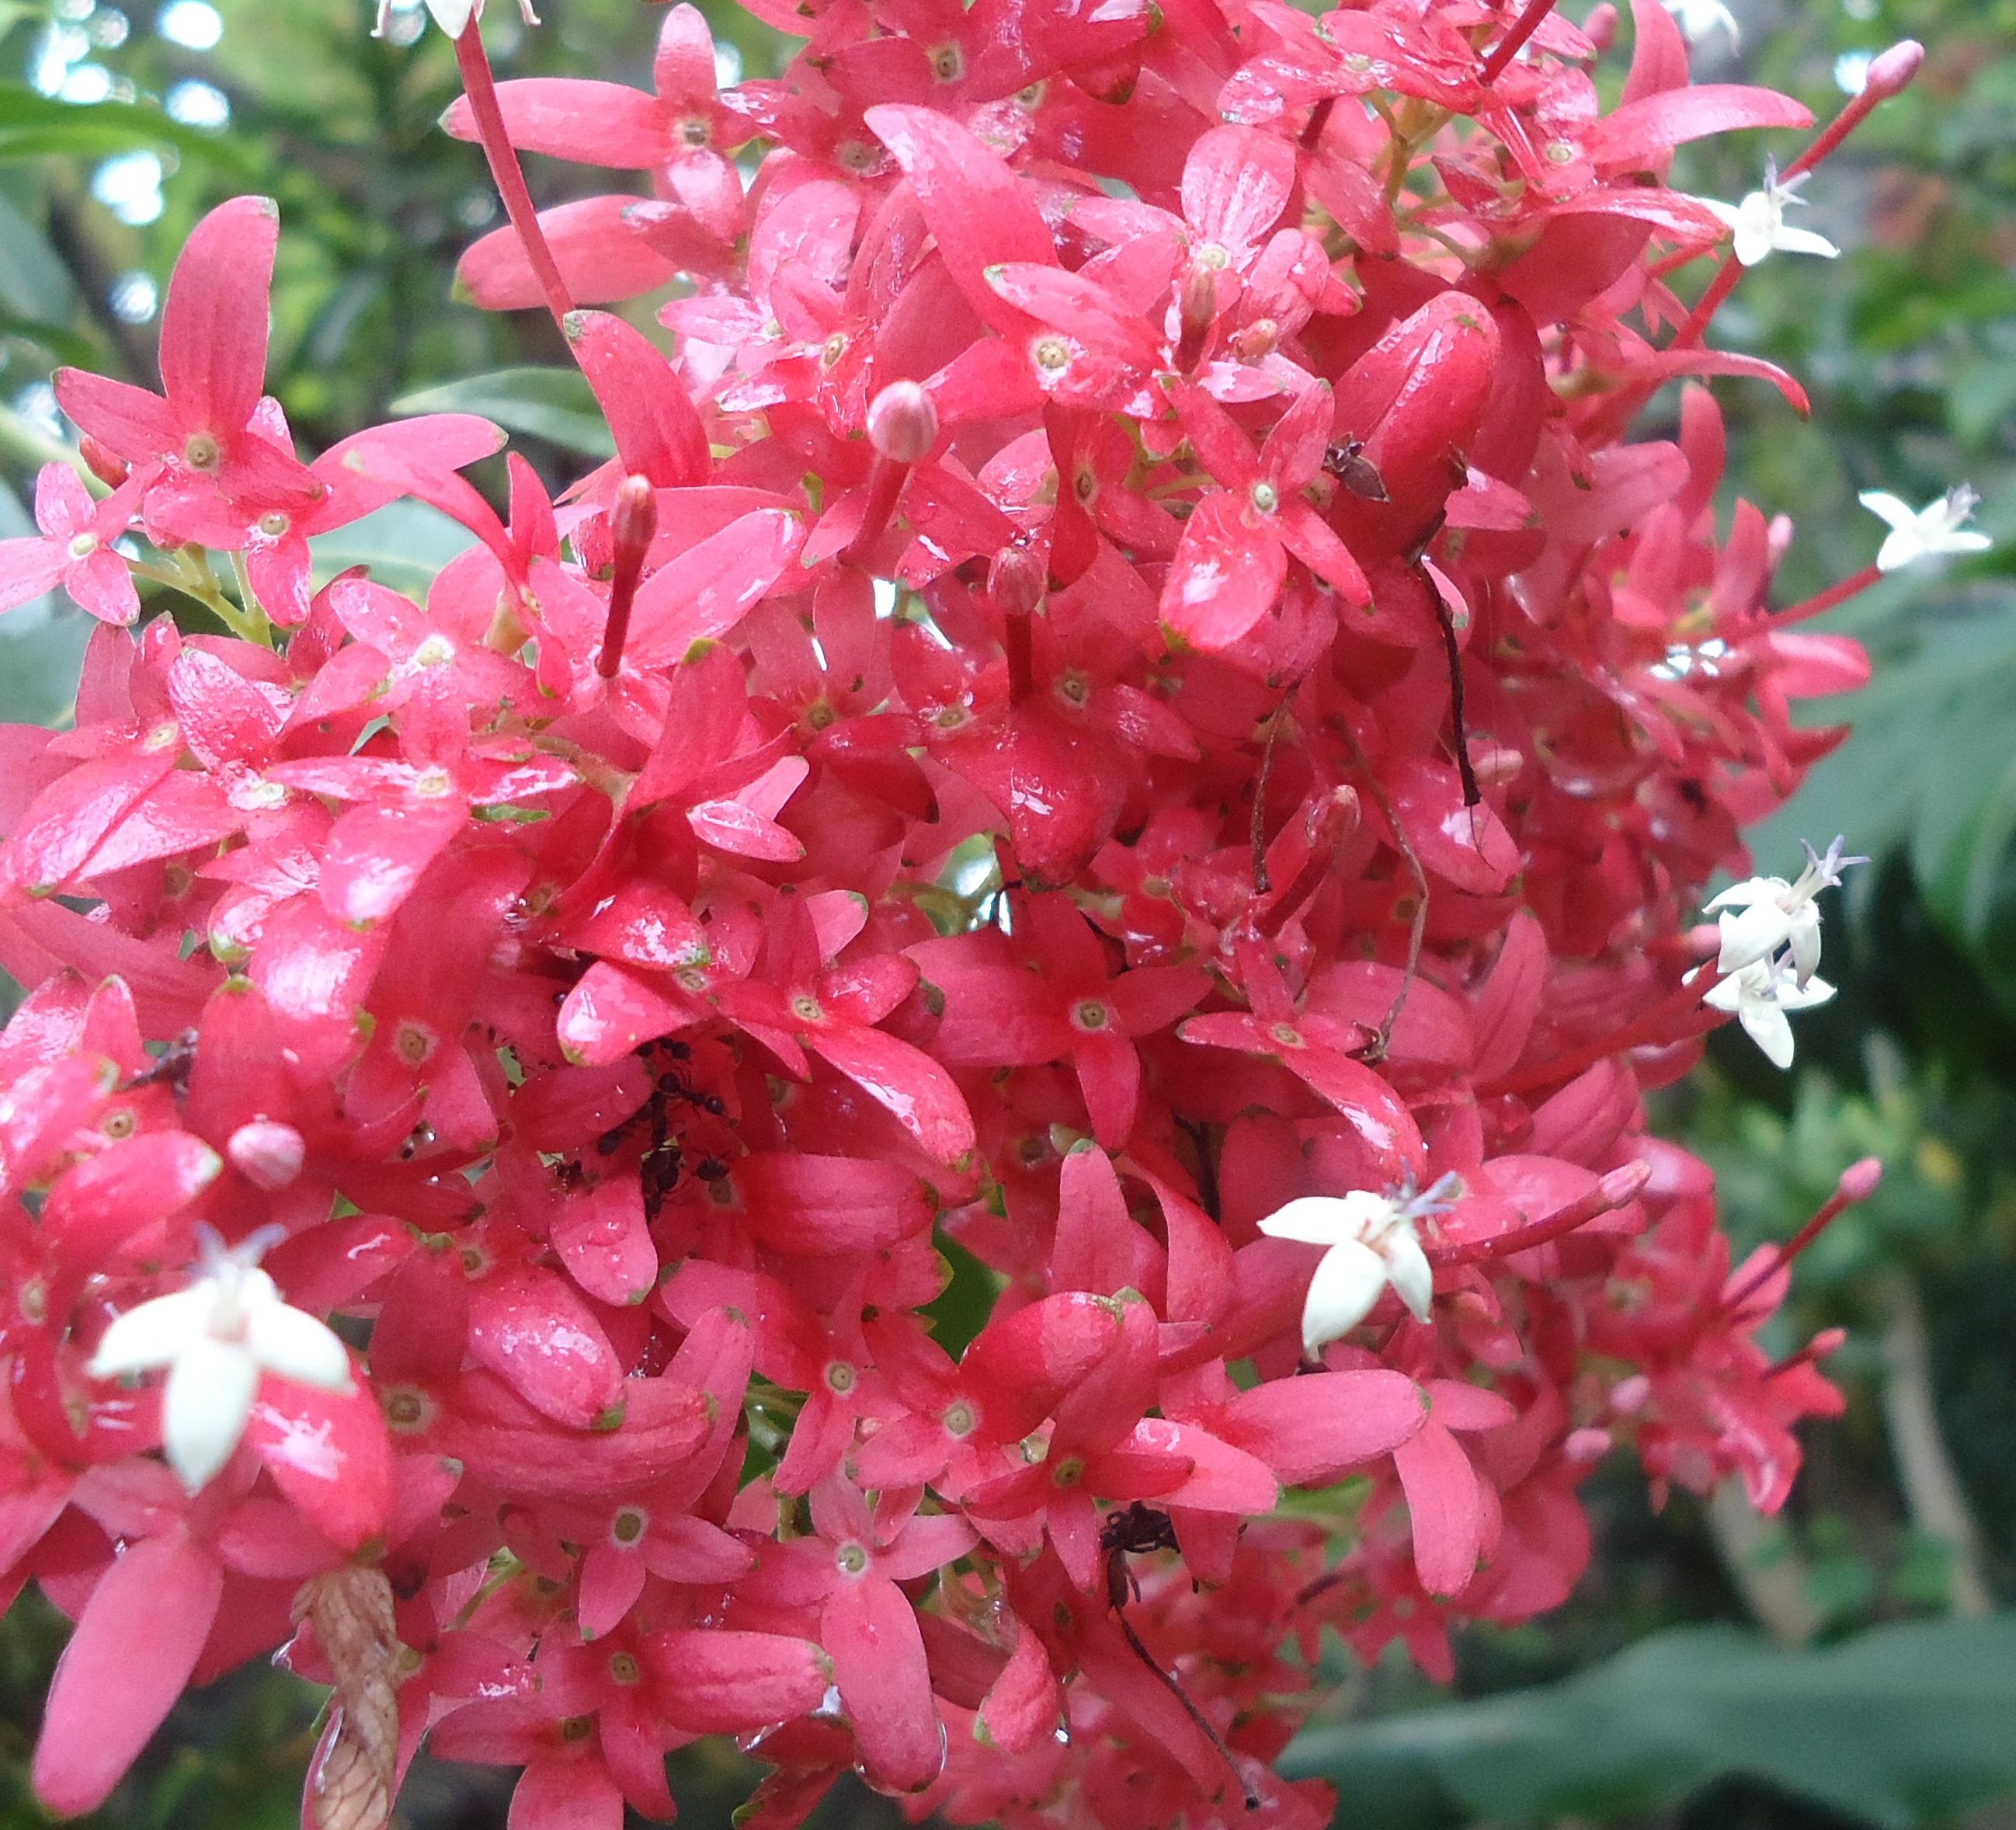 file carphalea kirondron flowers 1 mindanao philippines jpg